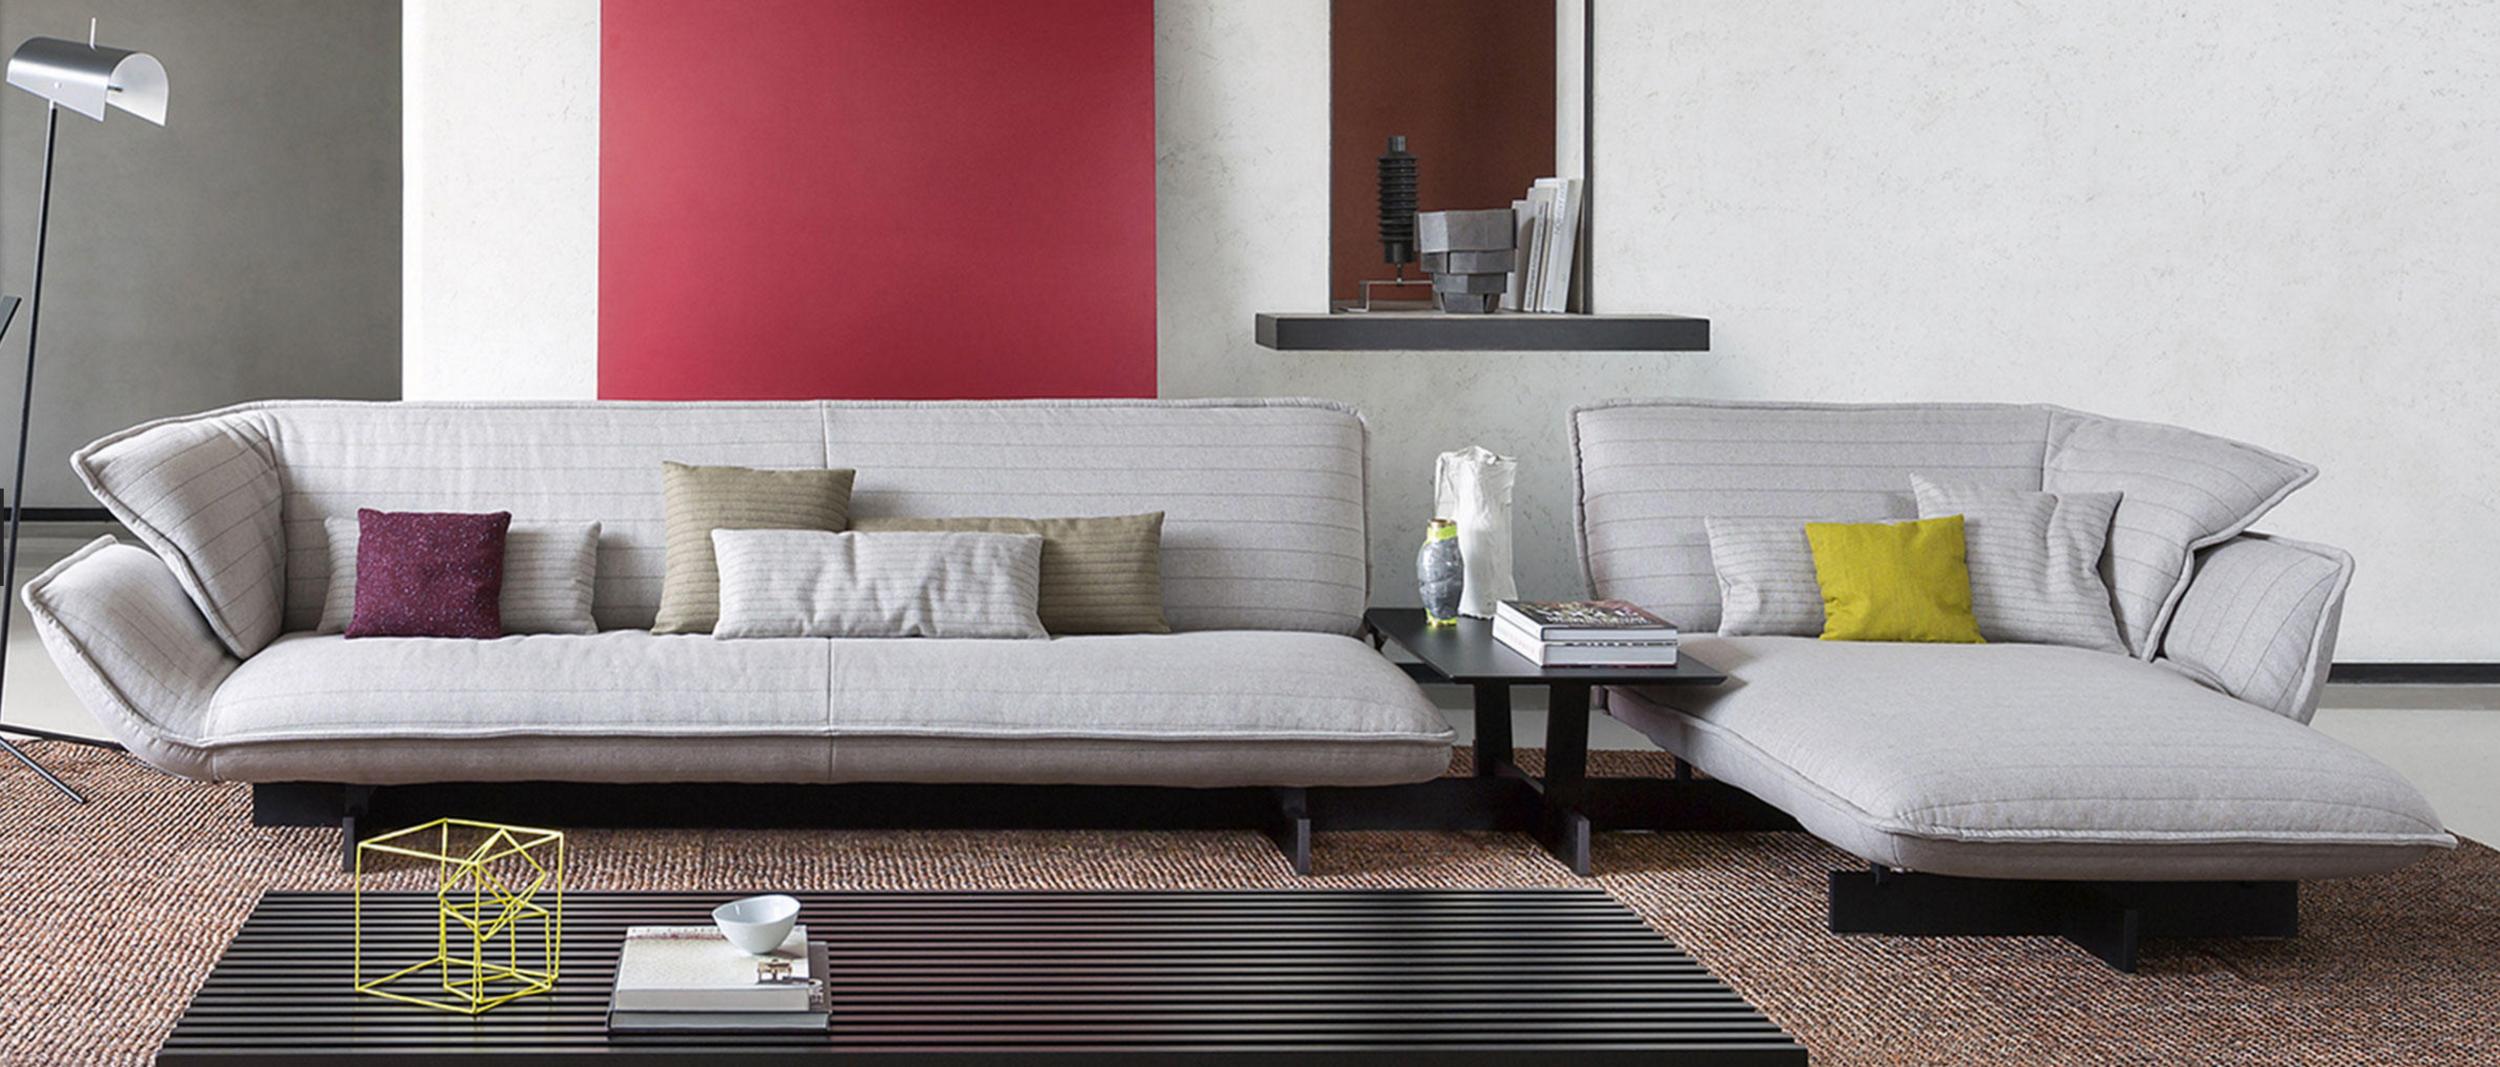 Cassina Beam zetel sofa bij Loncin door patricia Urquiola in Leuven en zoutleeuw  design meubelwinkel interieur mechelen brussel bruxelles antwerpen gent liege maastricht hasselt sint-truiden wavre  8.png